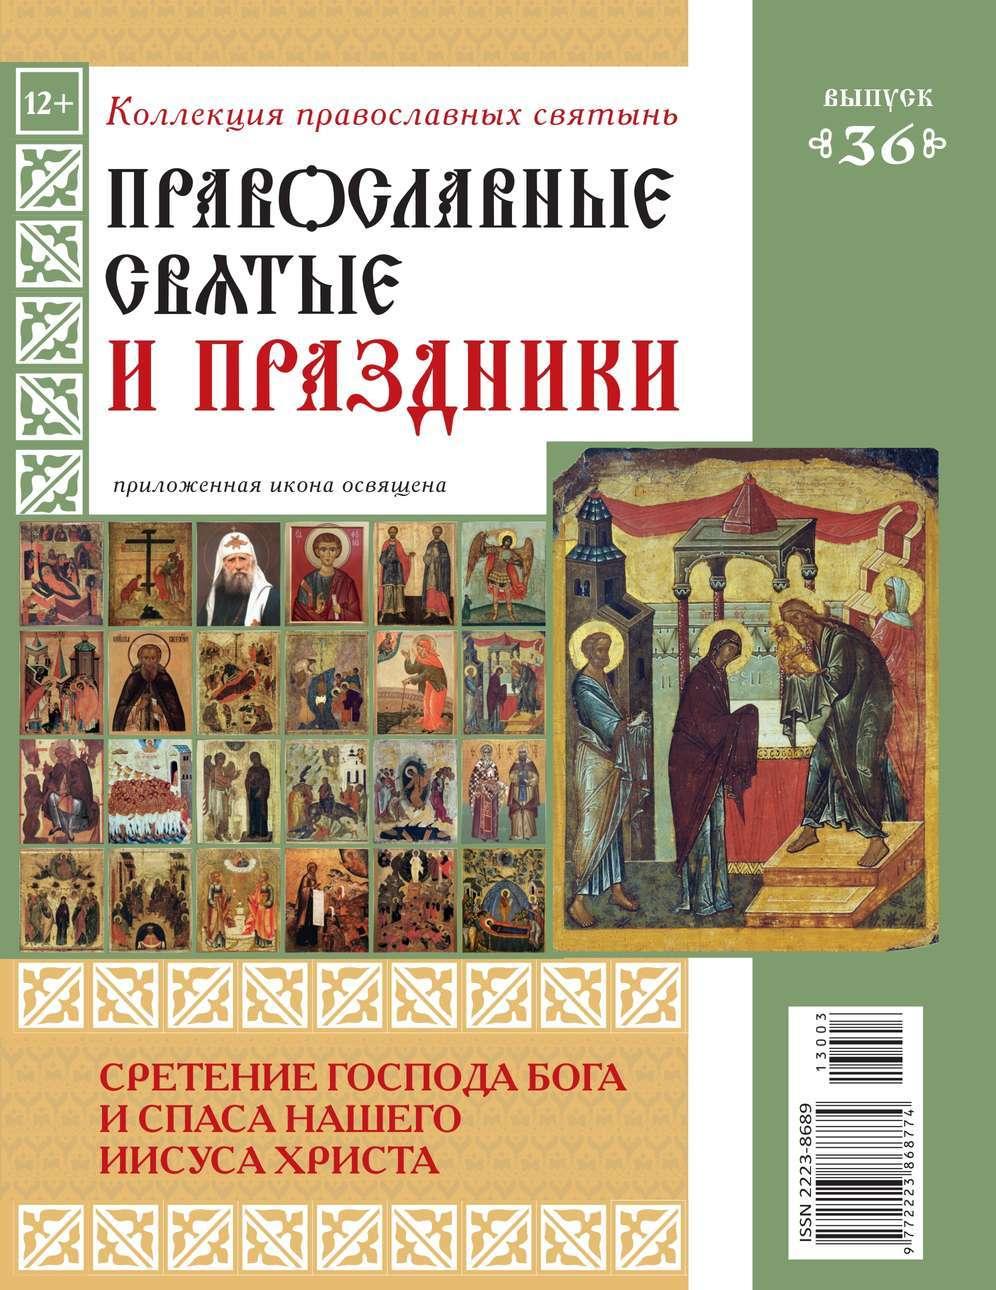 Коллекция Православных Святынь 36